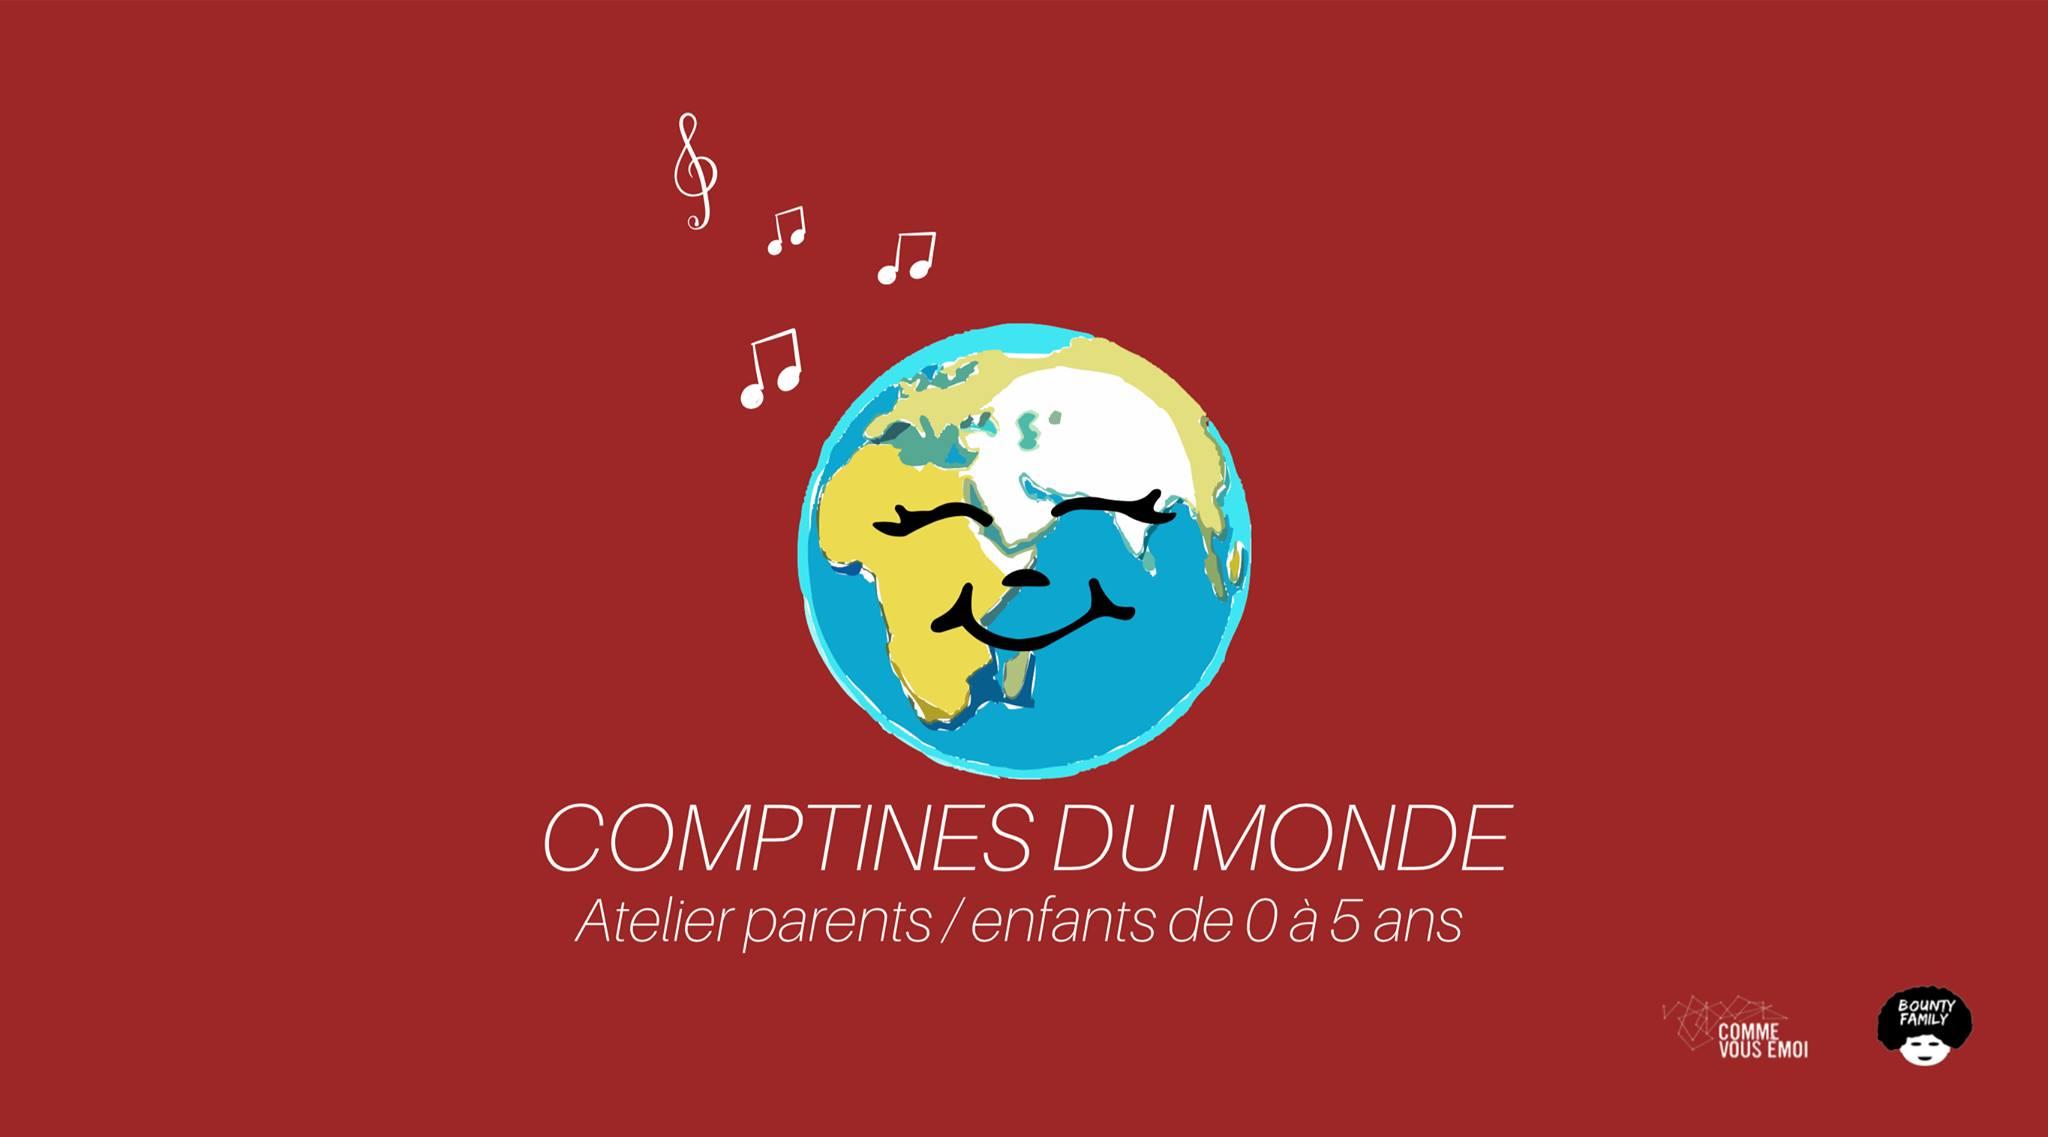 25/01 - Comme vous Emoi @ Montreuil